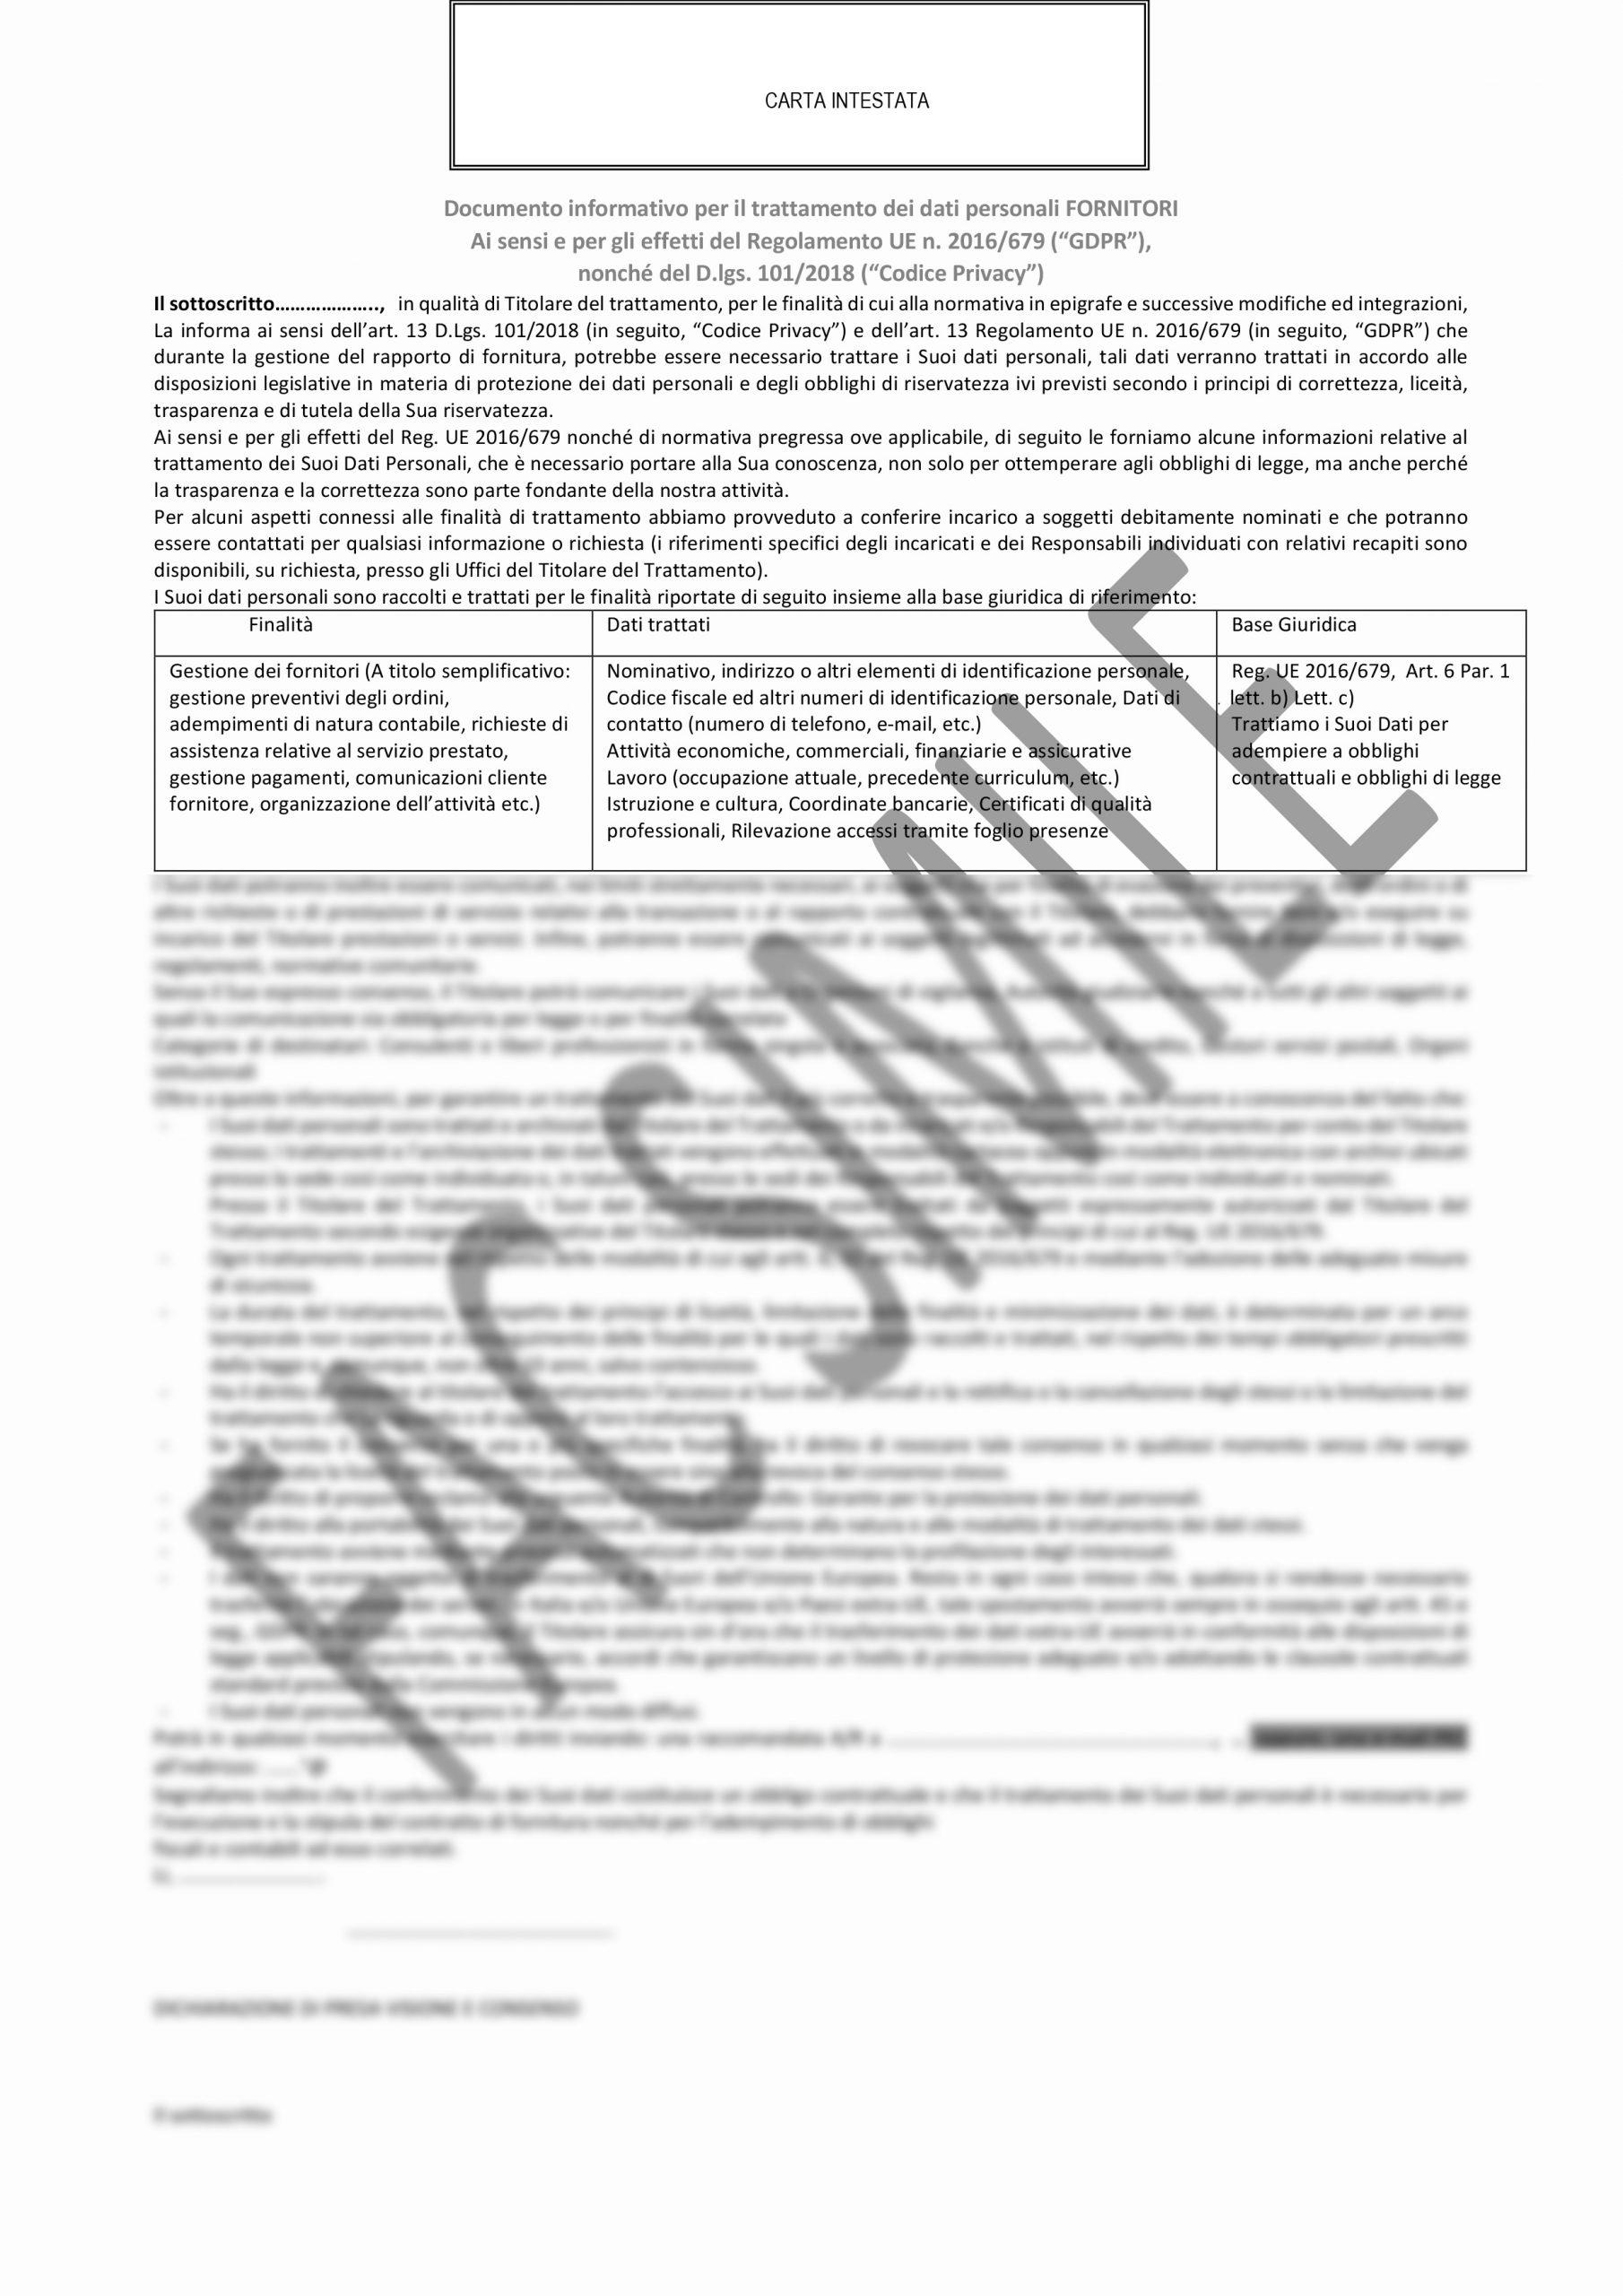 Microsoft Word - FACSIMILE Informativa per fornitori.docx